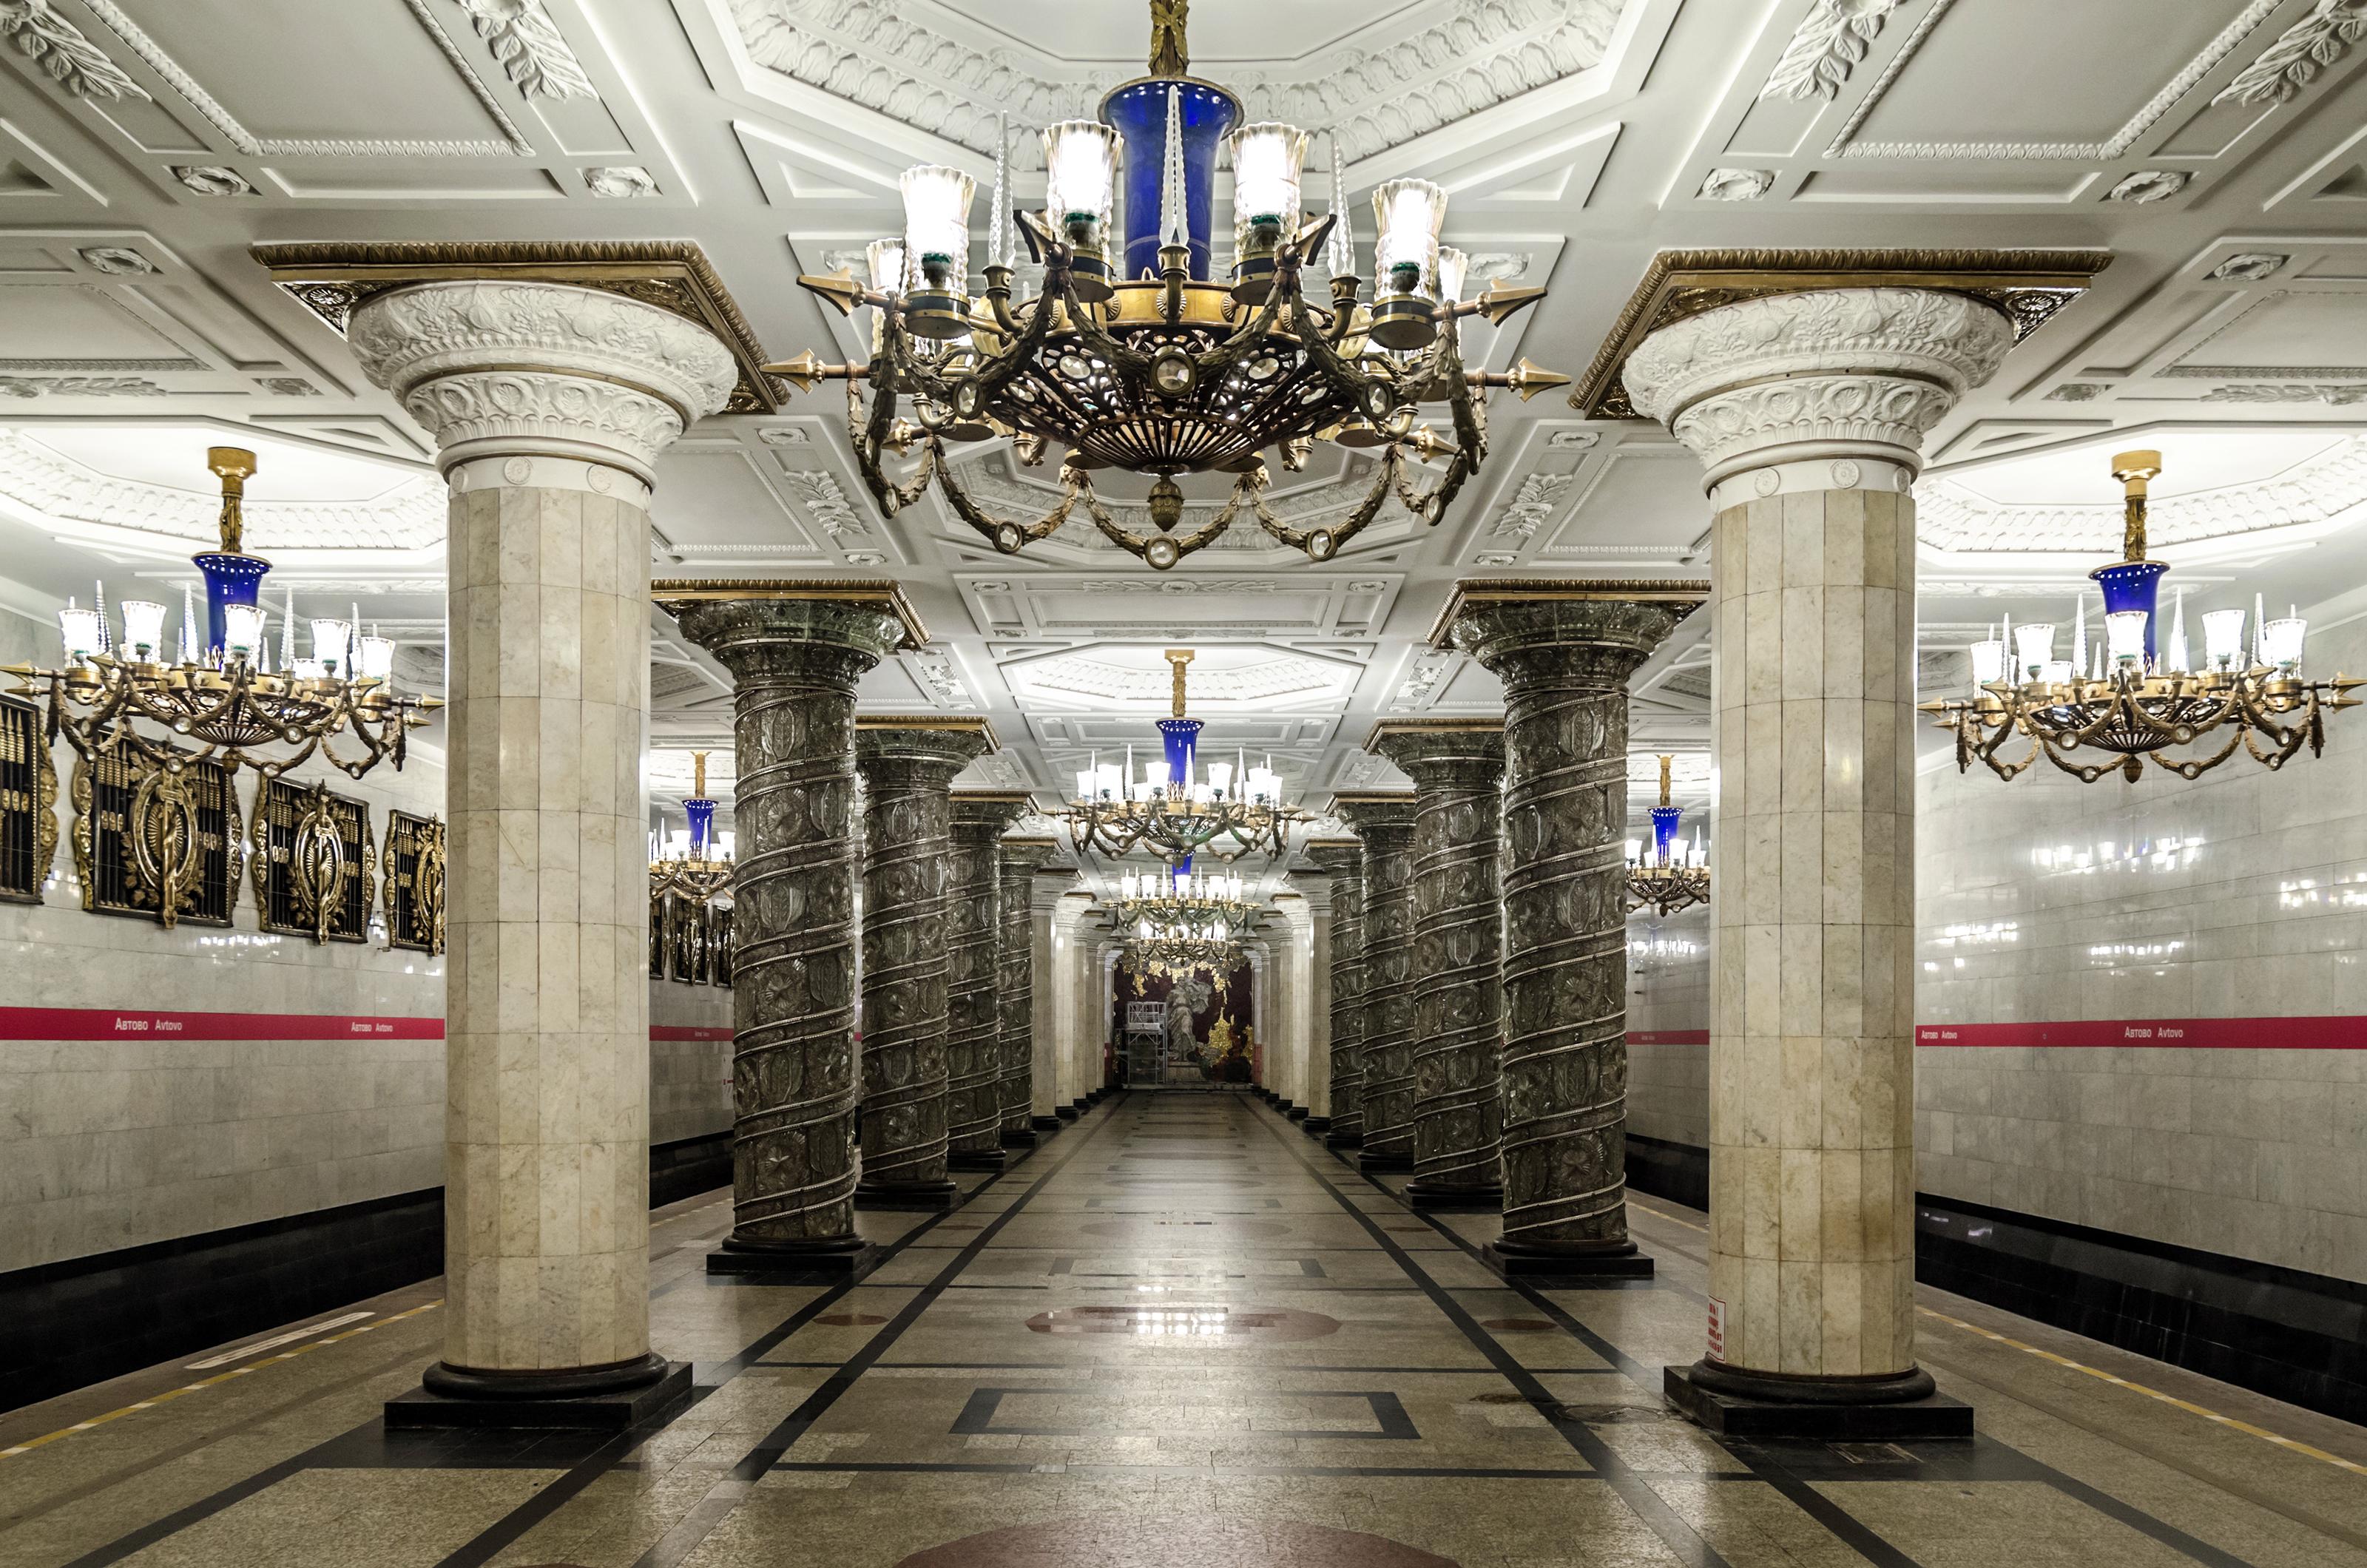 схема спб метро через 20 лет